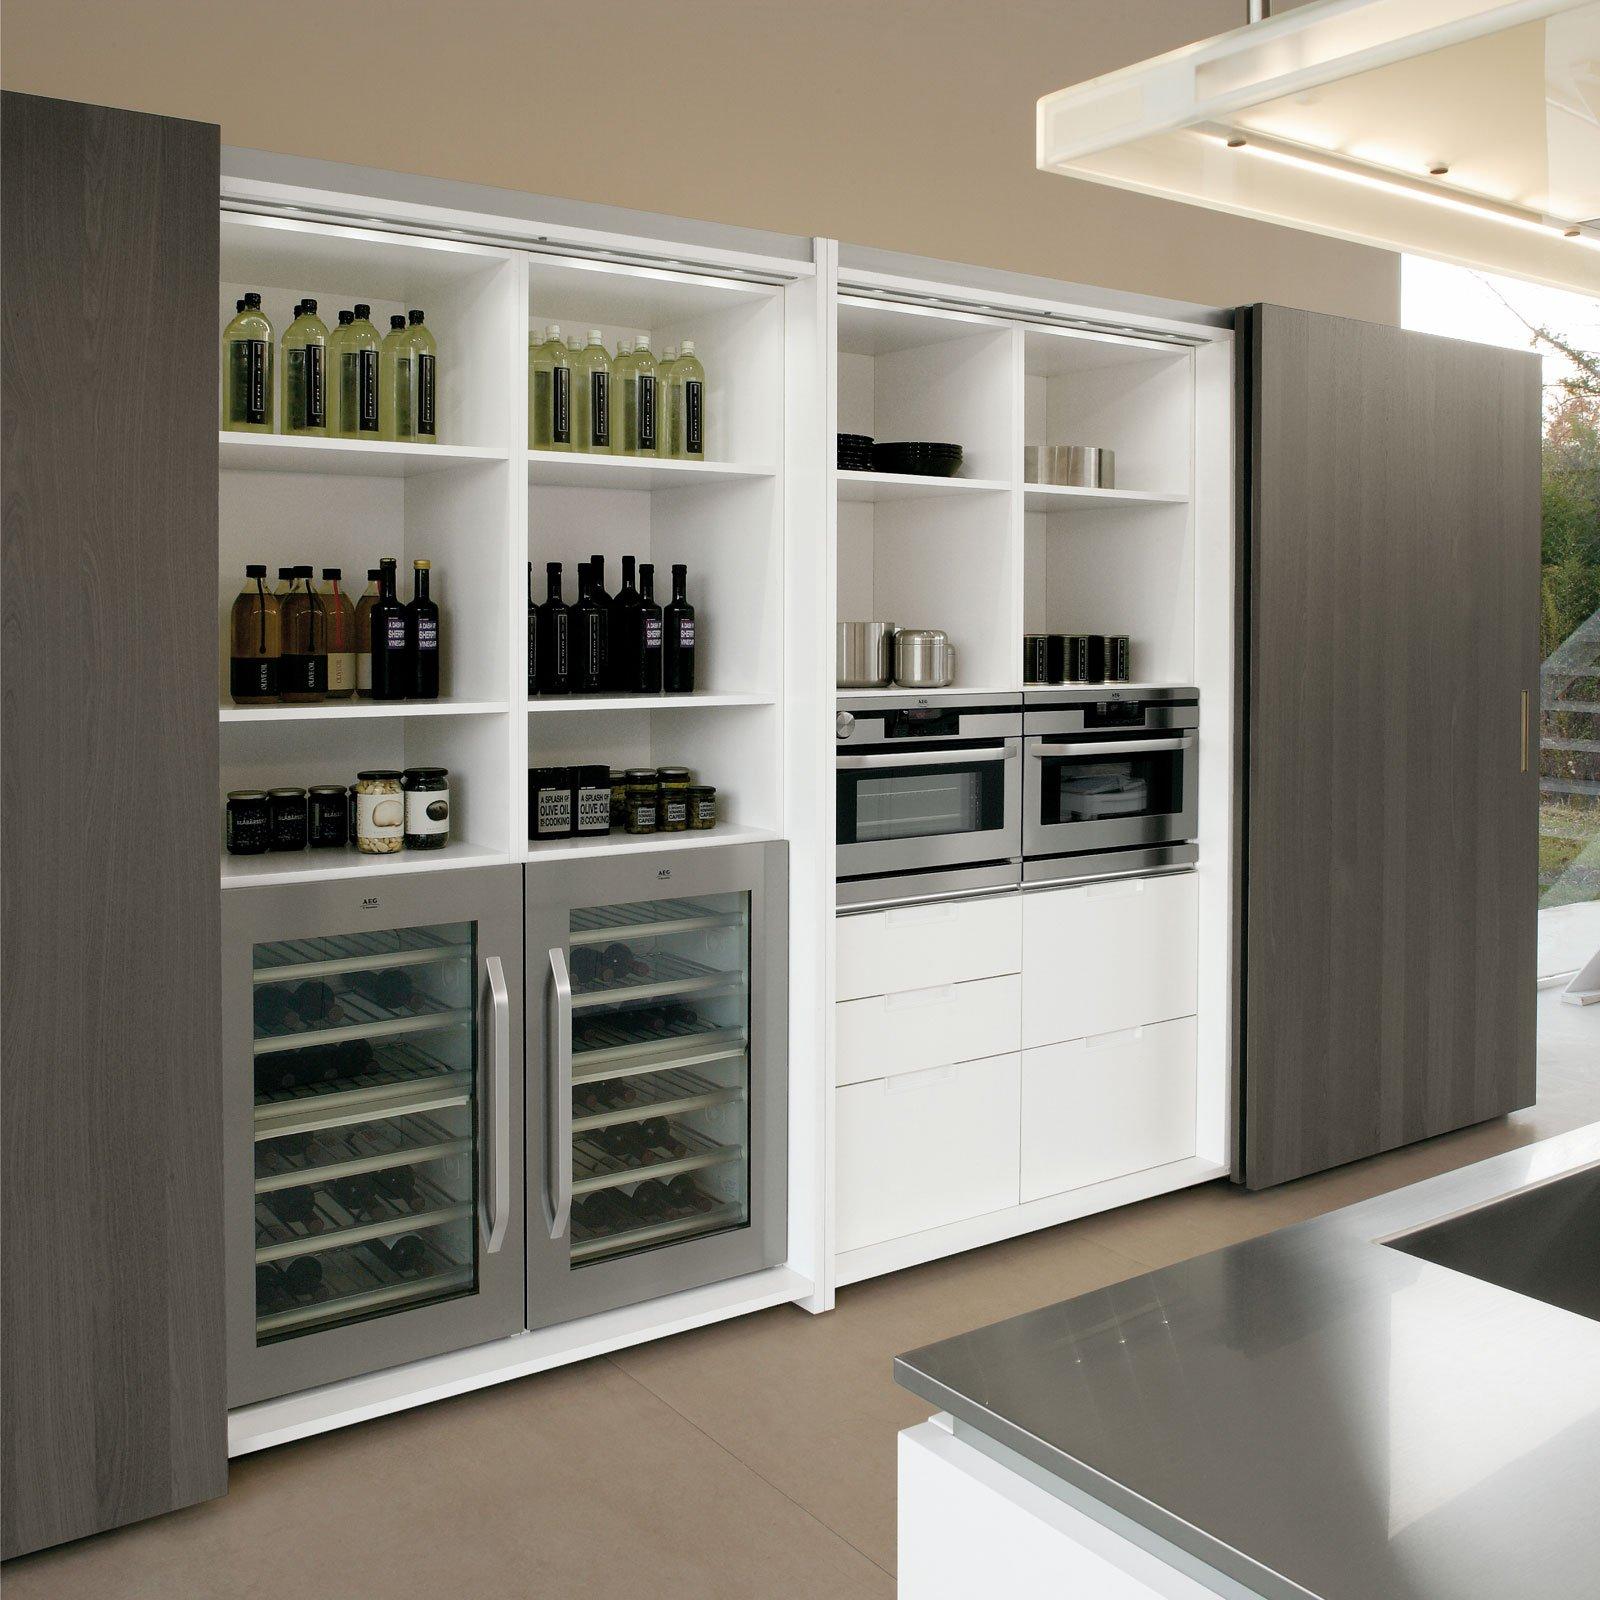 cucina: la comodità dipende anche dall'interno - cose di casa - Cucina Elettrodomestici